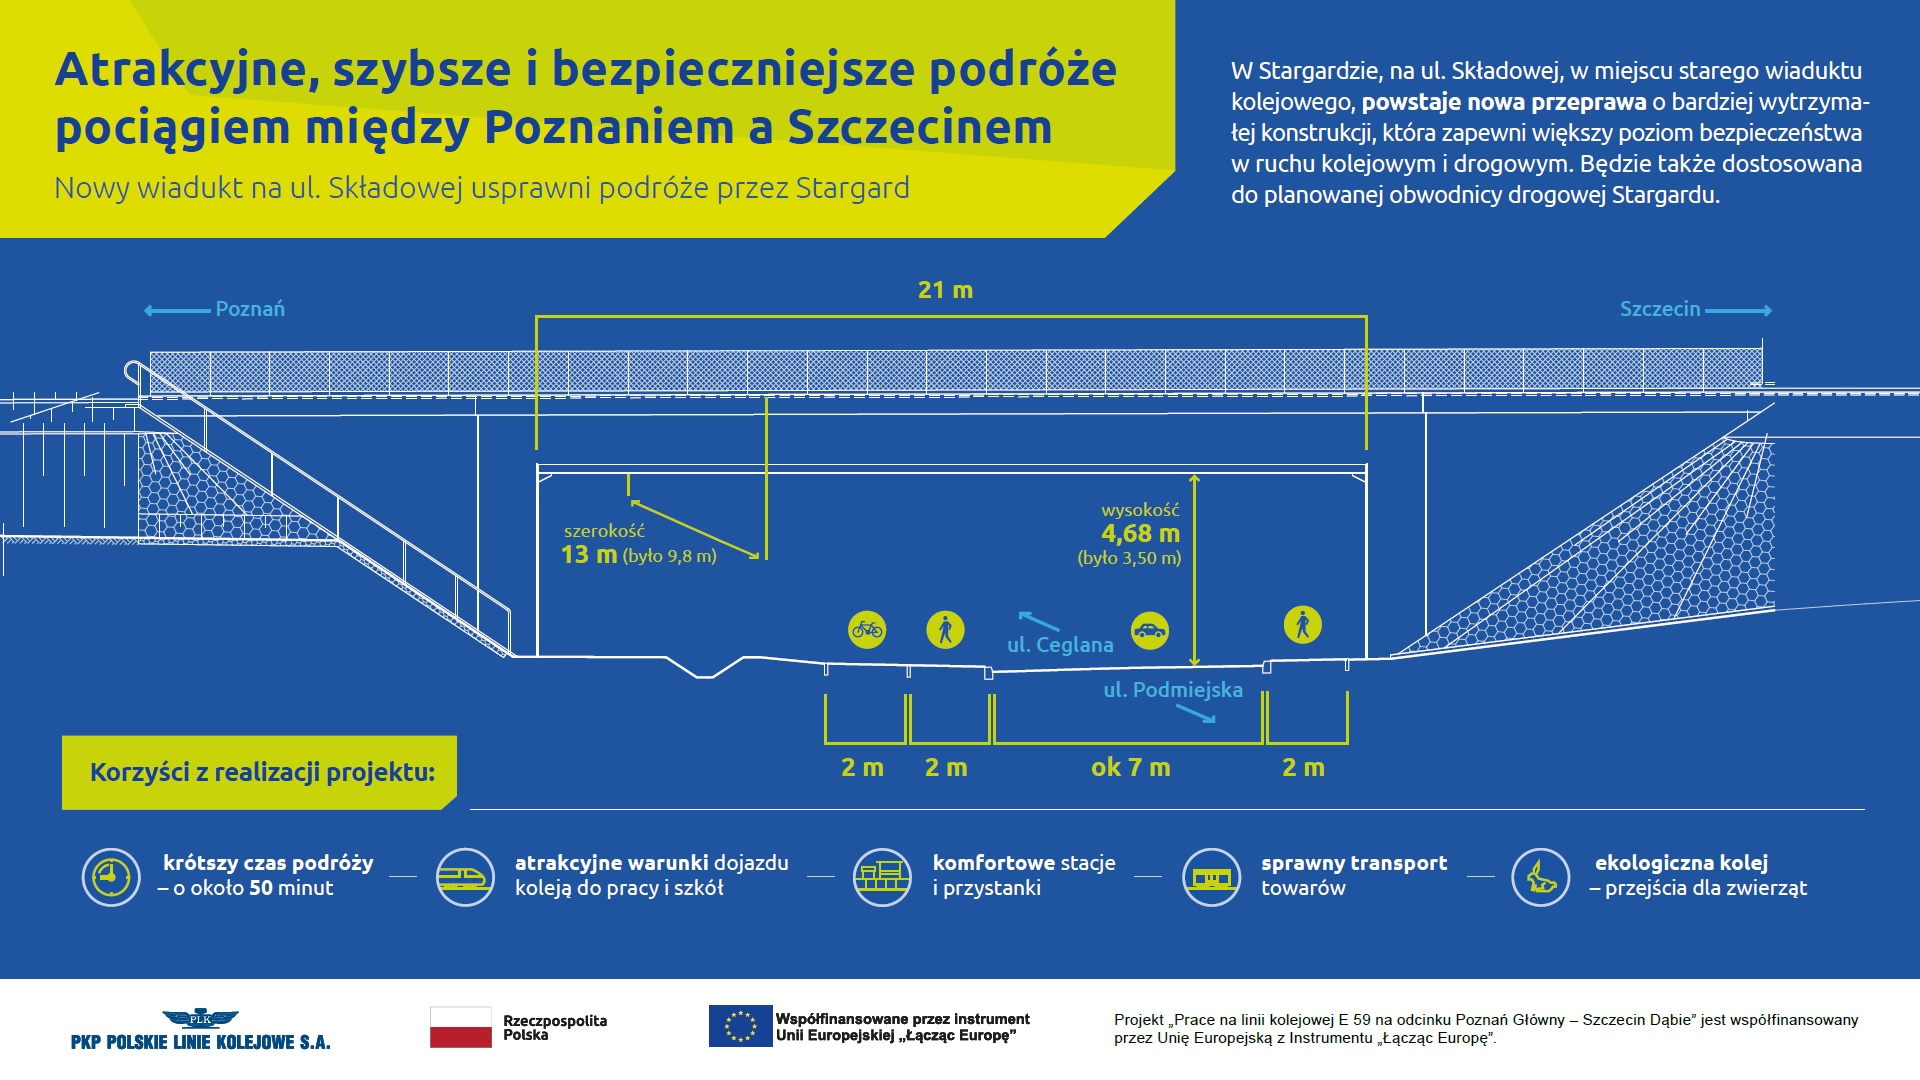 Infografika przedstawia rysunek techniczny nowo powstającego wiaduktu na ul. Składowej w Stargardzie. Na rysunku są zaznaczone jego parametry techniczne.